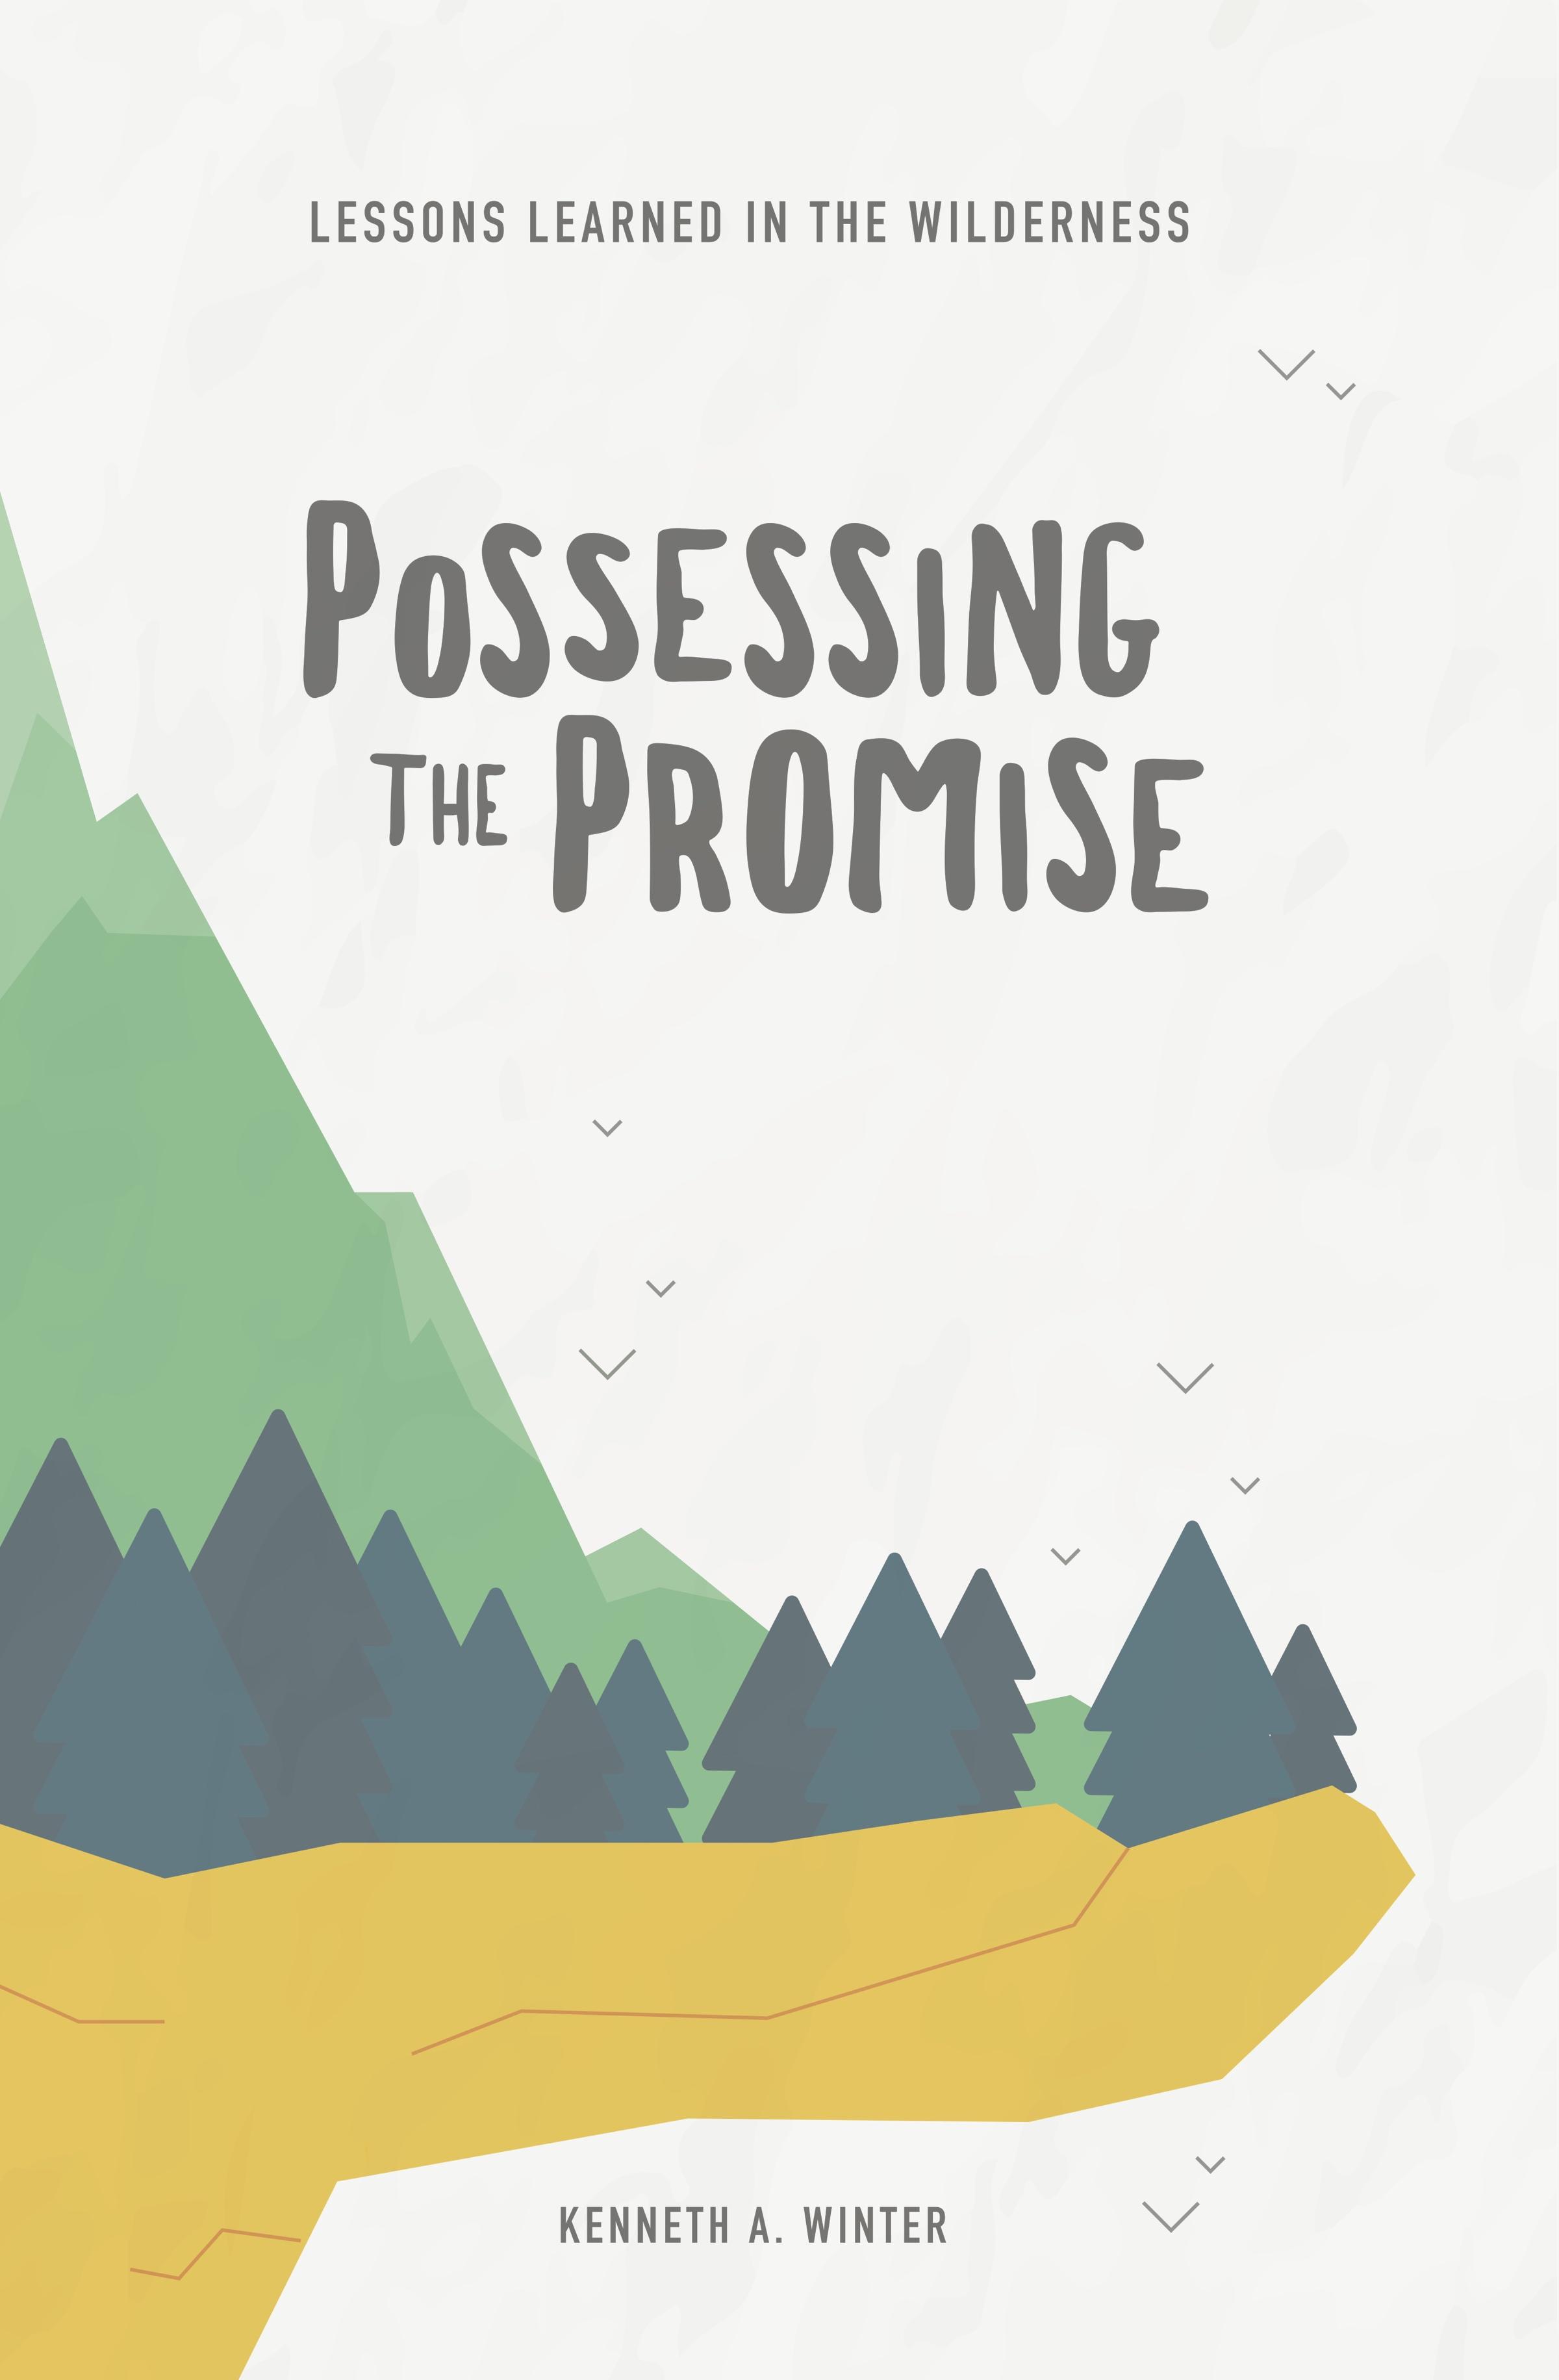 LLITW3-Possessing-The-Promise-Web-cover.jpg